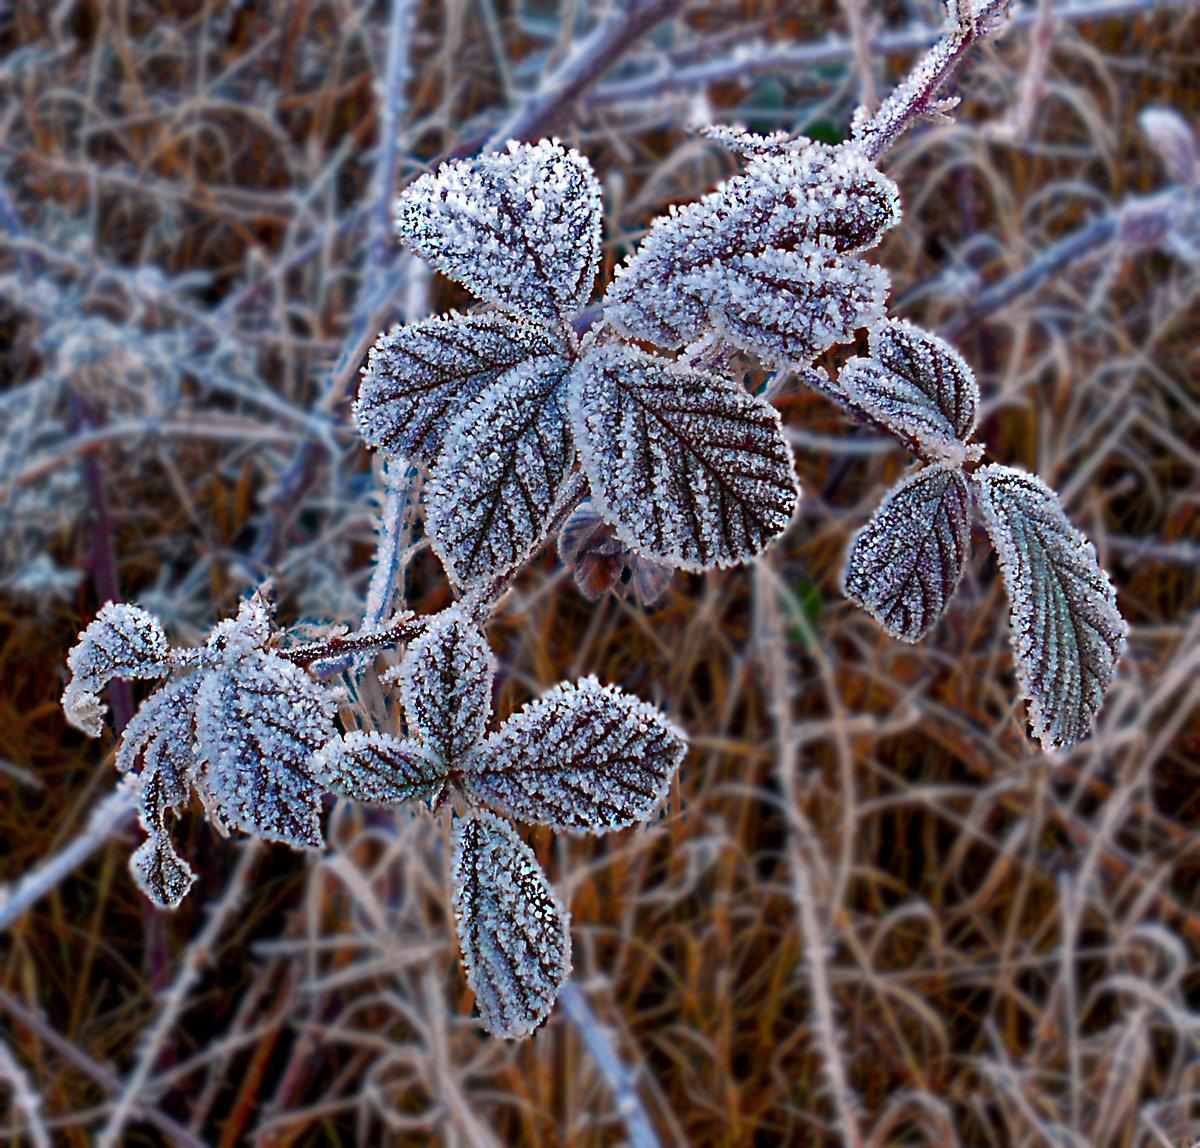 Как отличить изморозь от измороси? в чем разница между изморозью и изморосью?